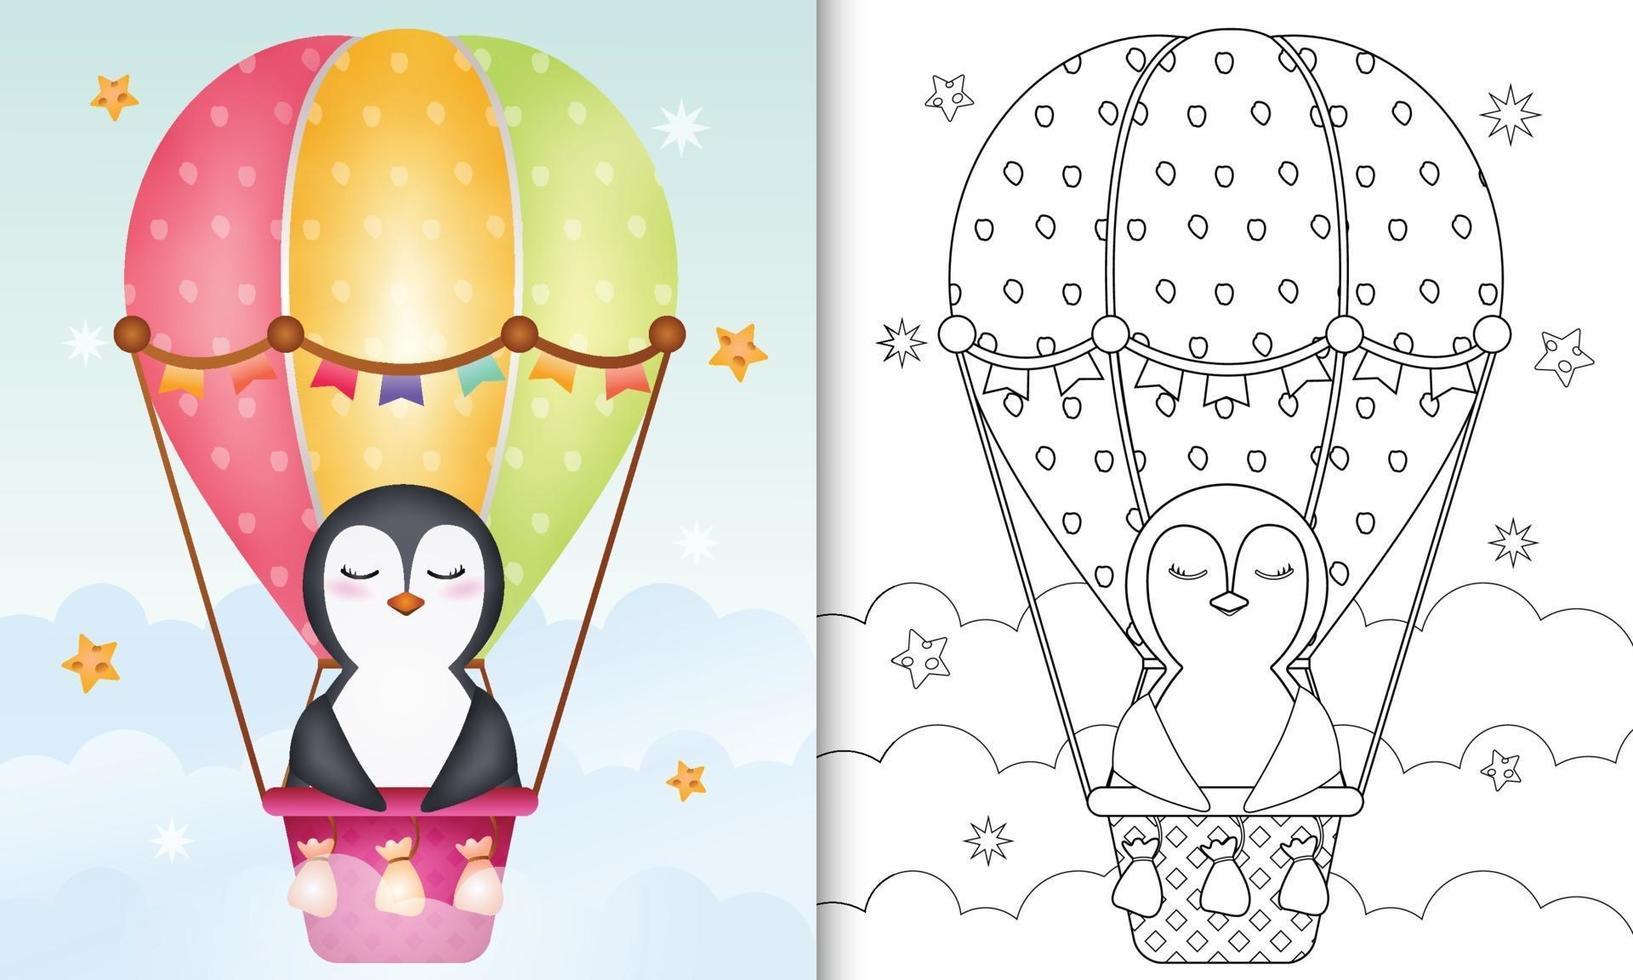 Malbuch für Kinder mit einem niedlichen Pinguin auf Heißluftballon vektor